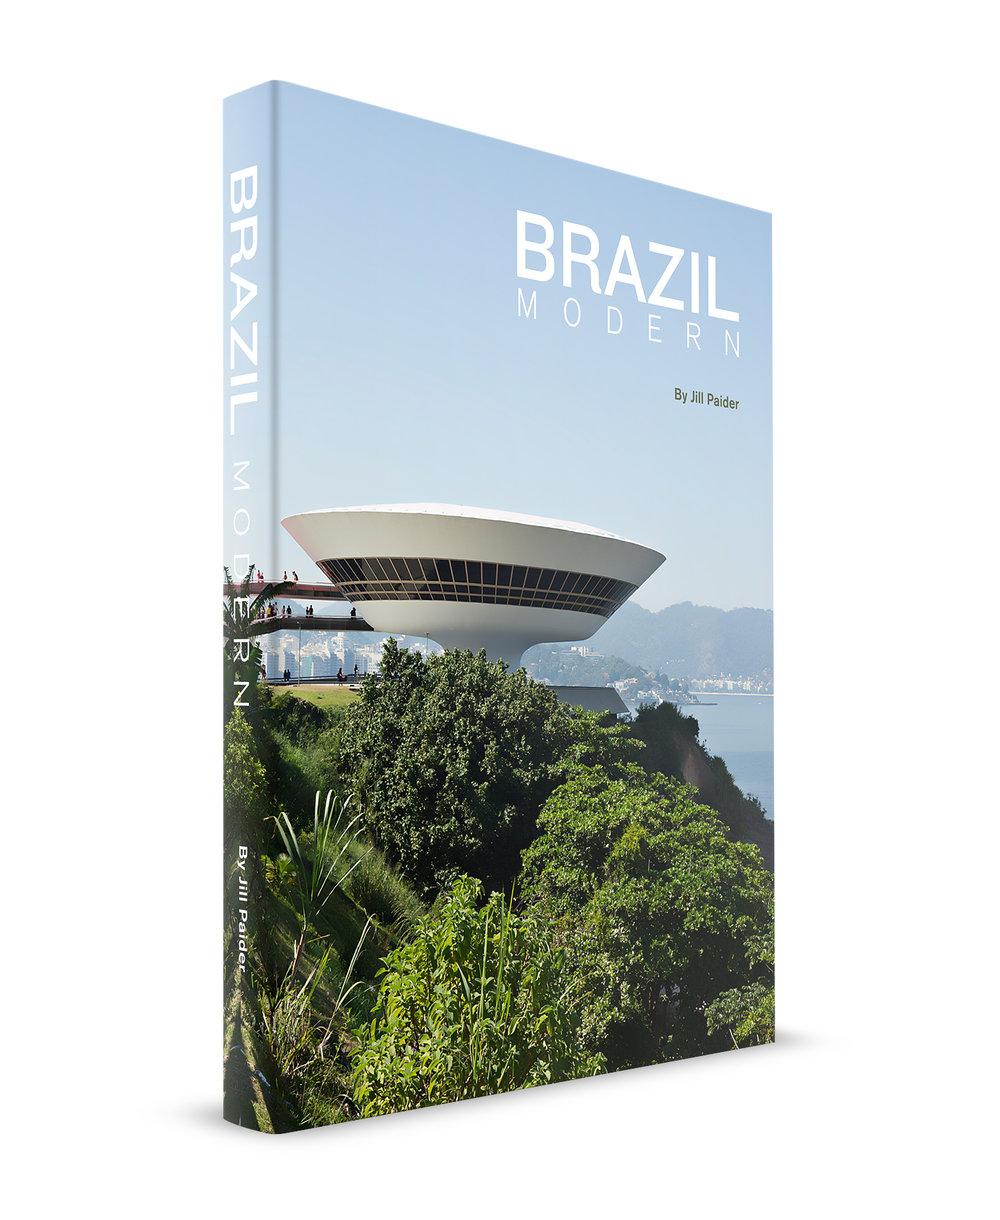 BRAZIL MODERN